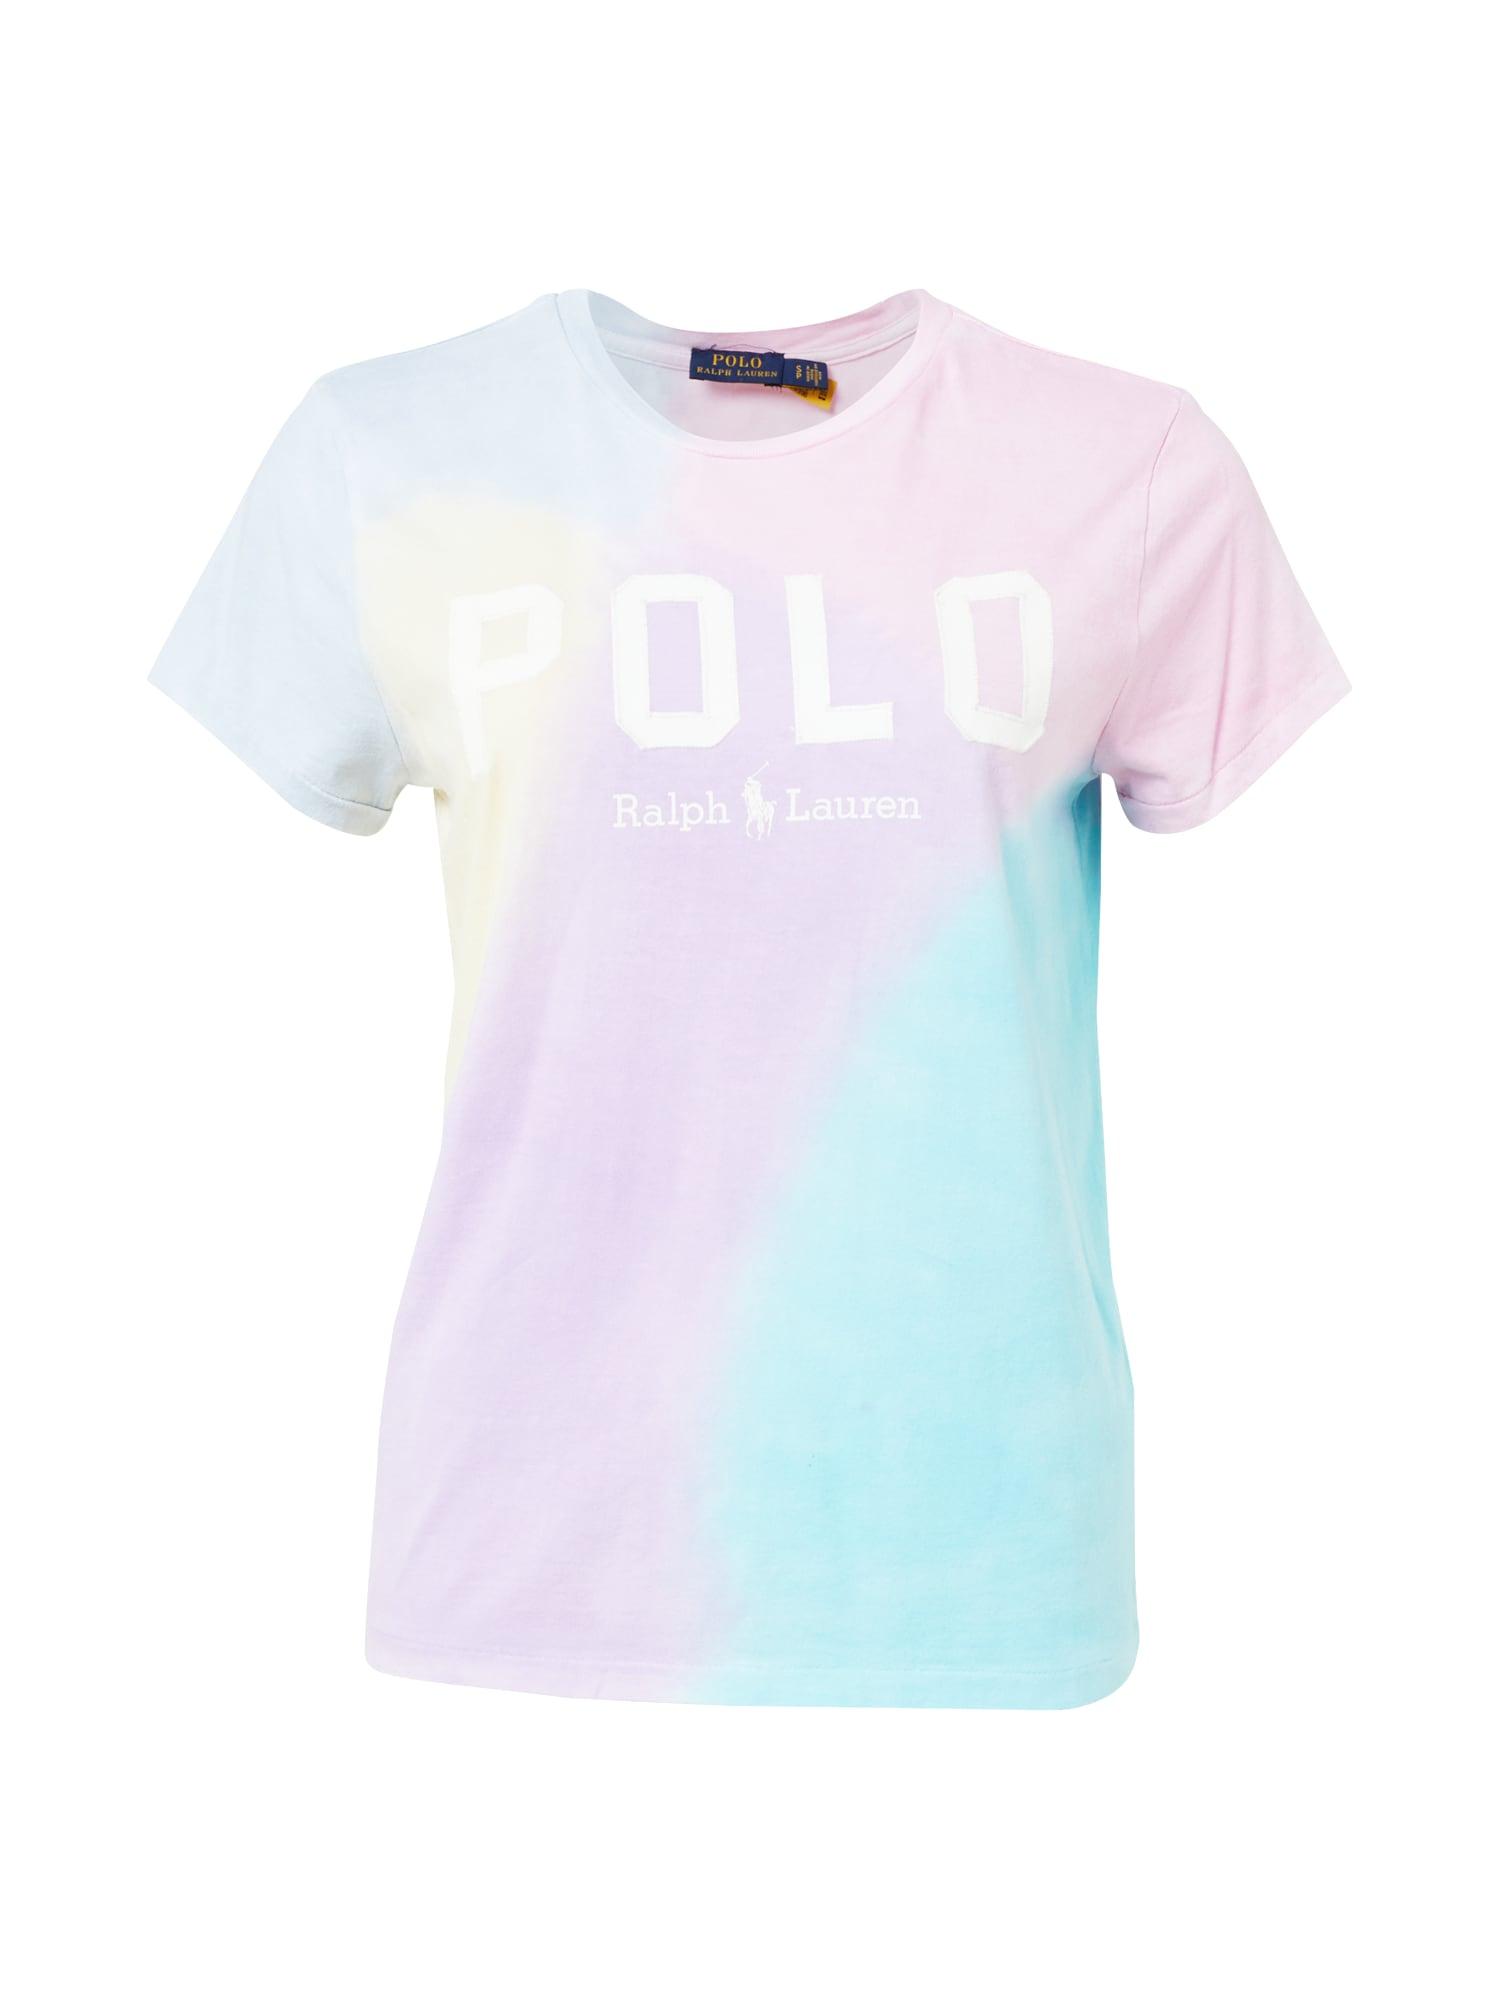 POLO RALPH LAUREN Marškinėliai mišrios spalvos